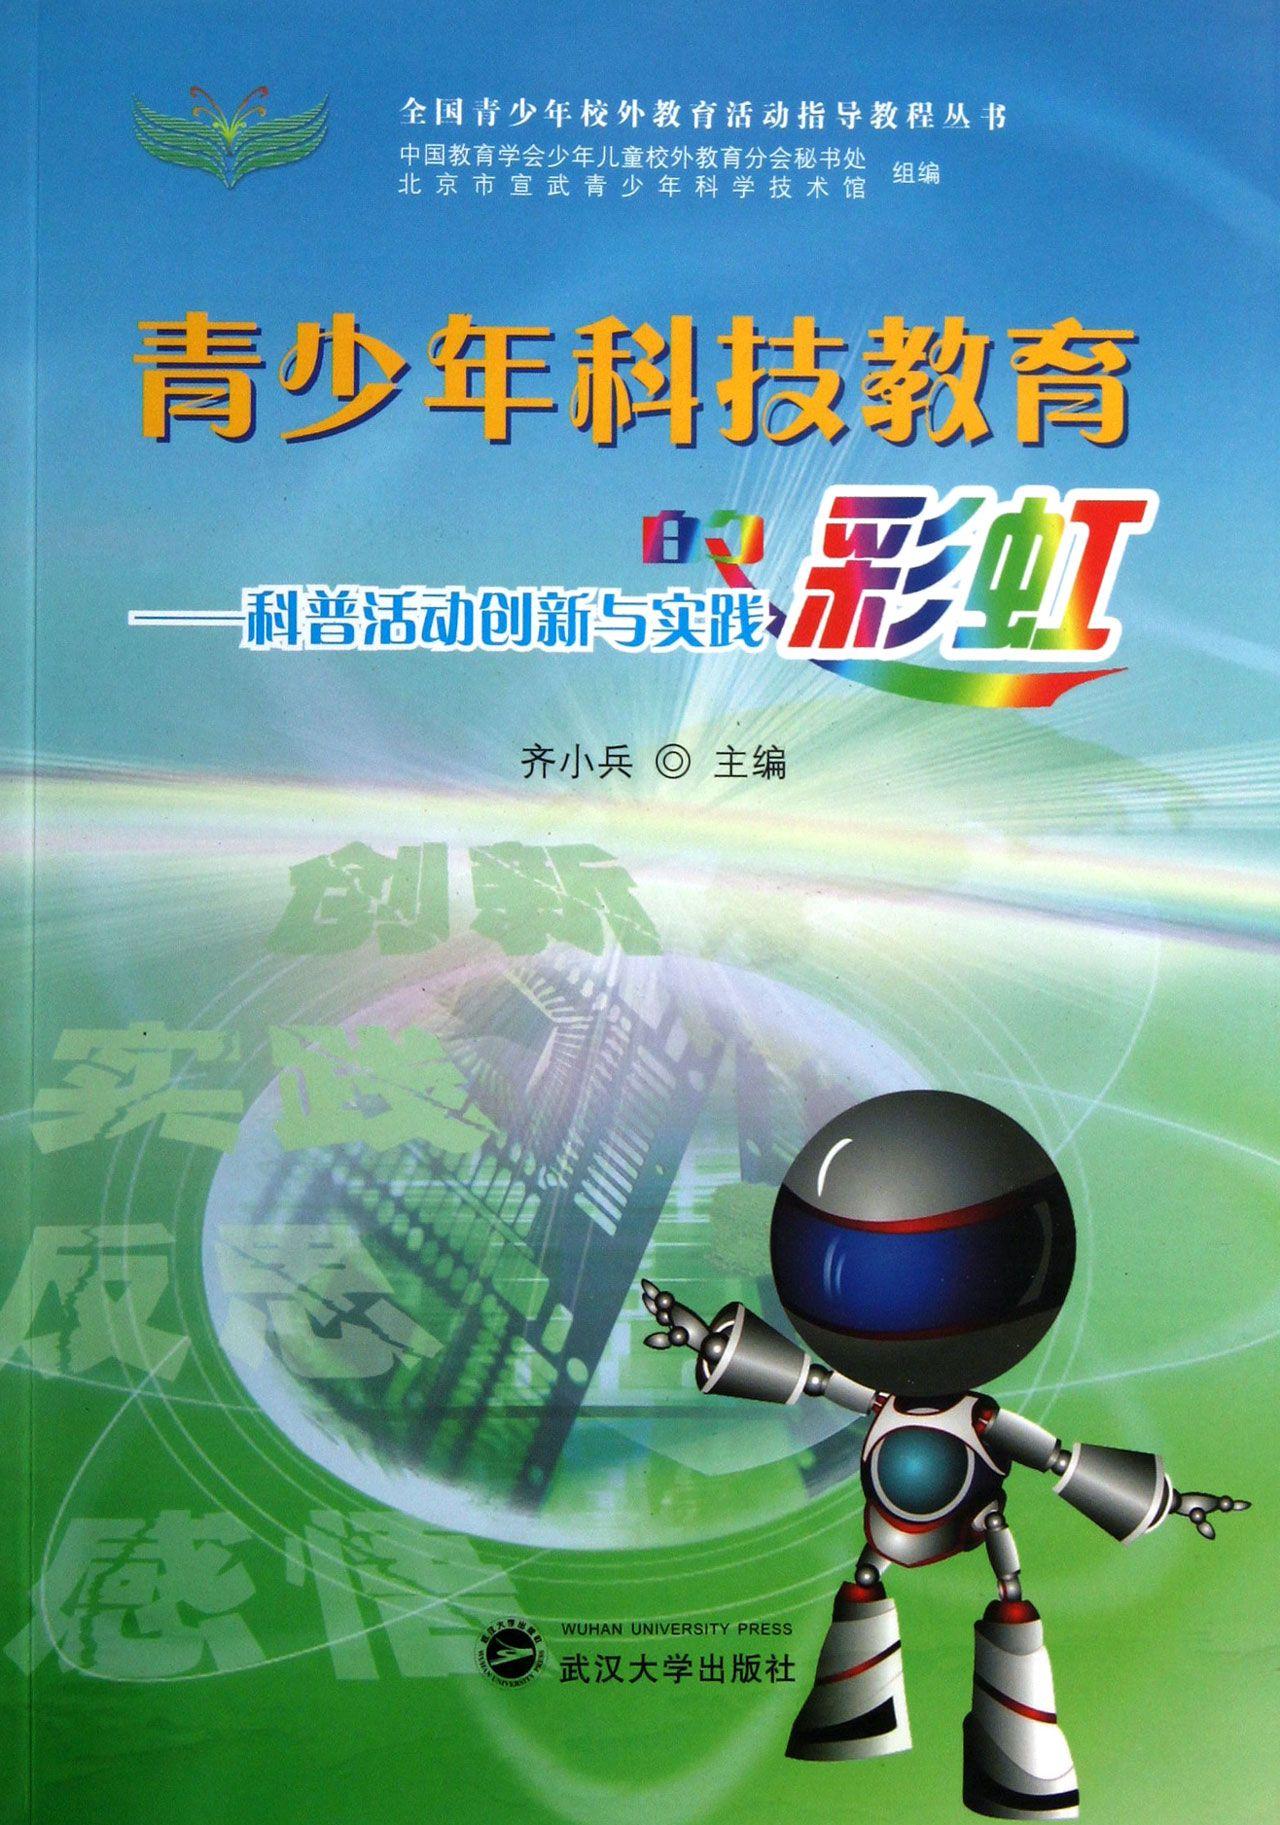 青少年科技教育--科普活动创新与实践彩虹